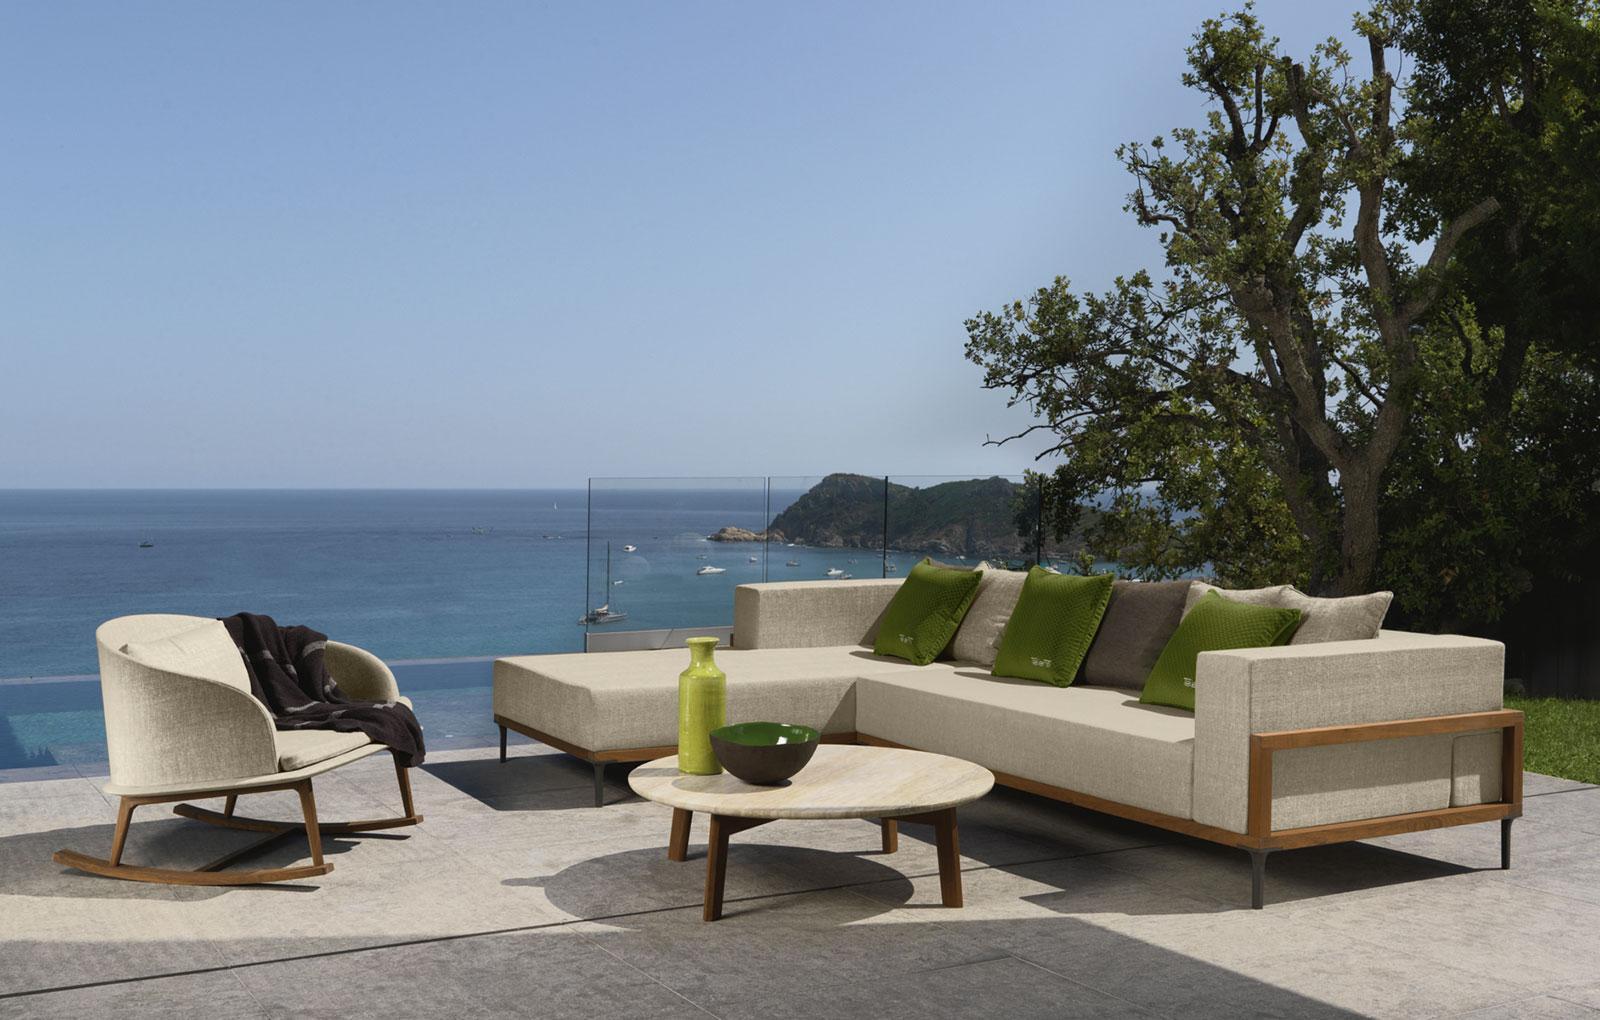 poltrona a dondolo da esterno giardino made in italy design prezzi arredamento da esterno lusso marco Acerbis teak sunbrella